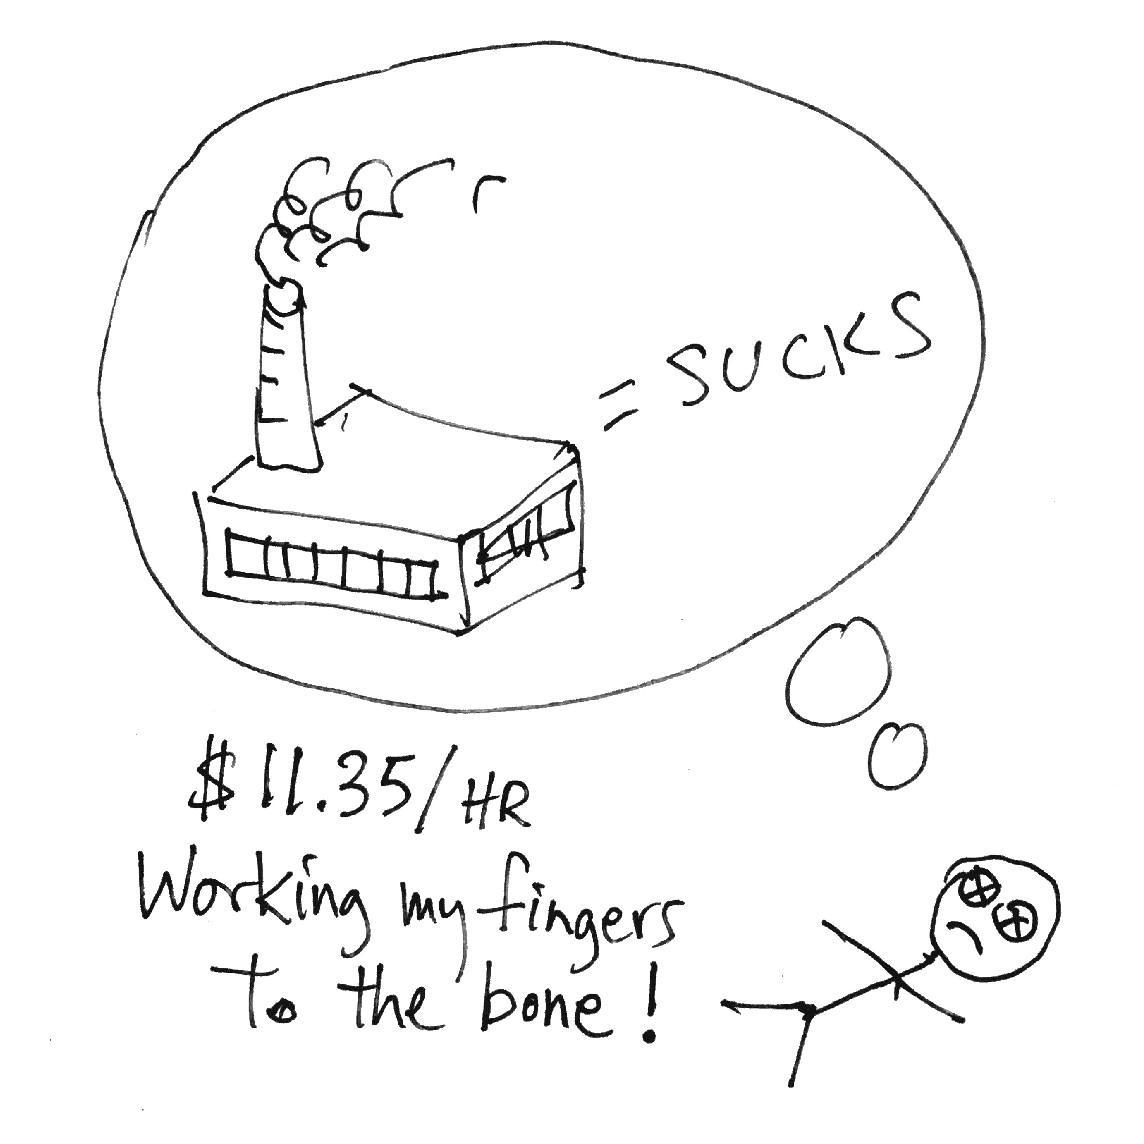 Working $11.35 sucks - b-w graphic.jpg